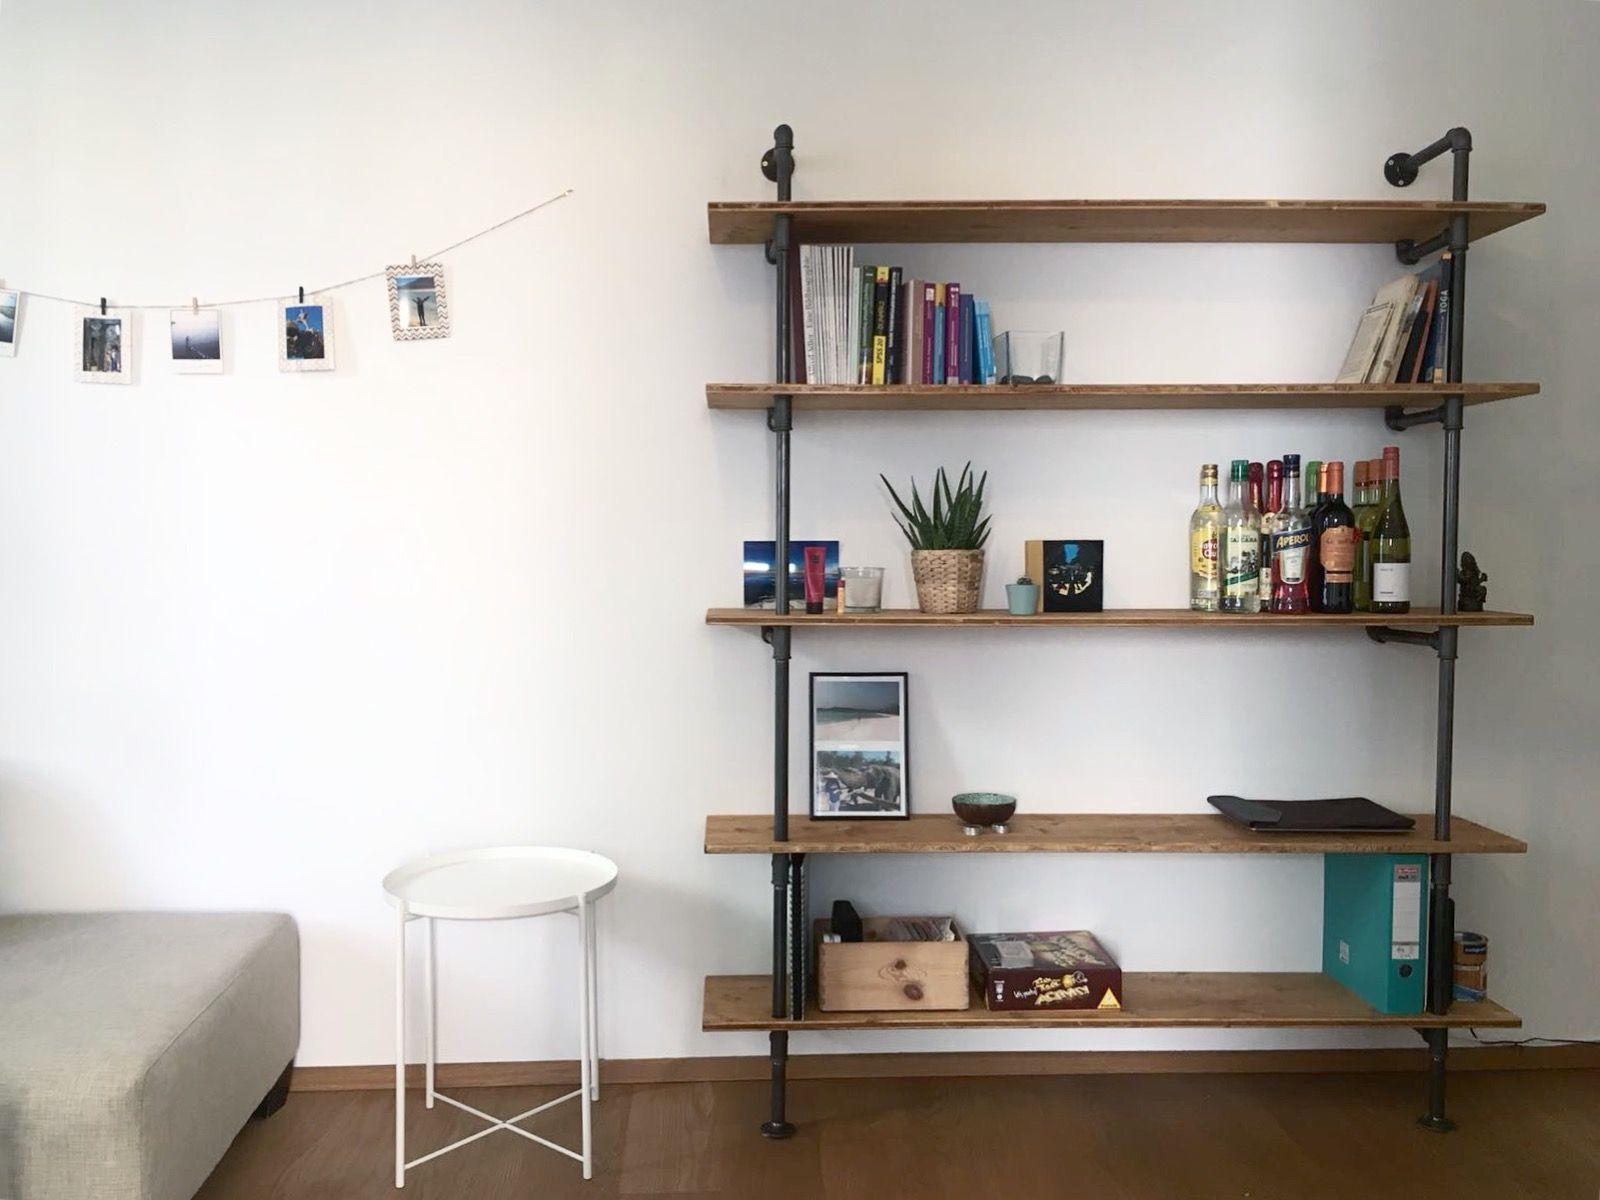 Stauwerk Wandmontiertes Regal Aus Eichenholz Haus Deko Regal Industrial Regal